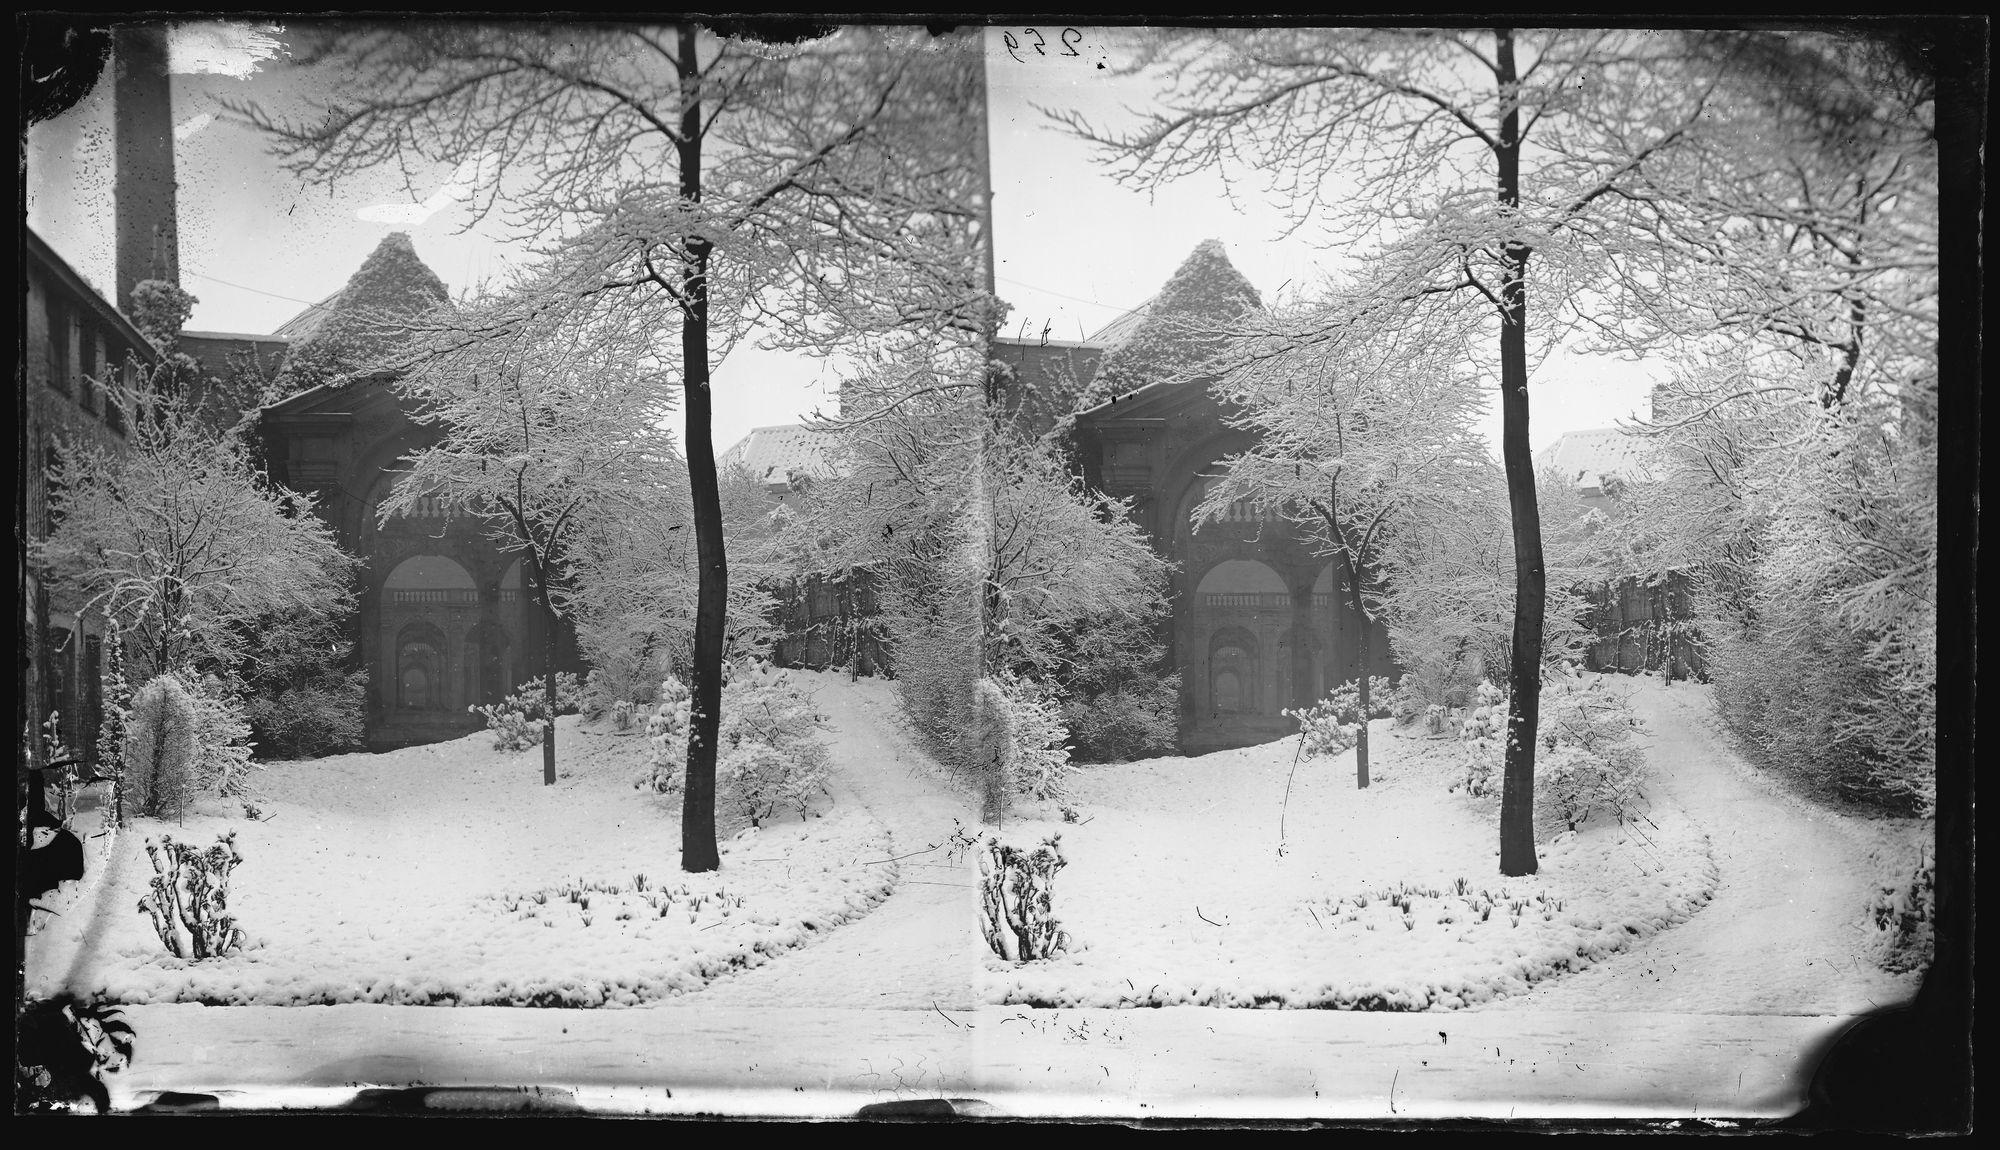 Zicht in de sneeuw